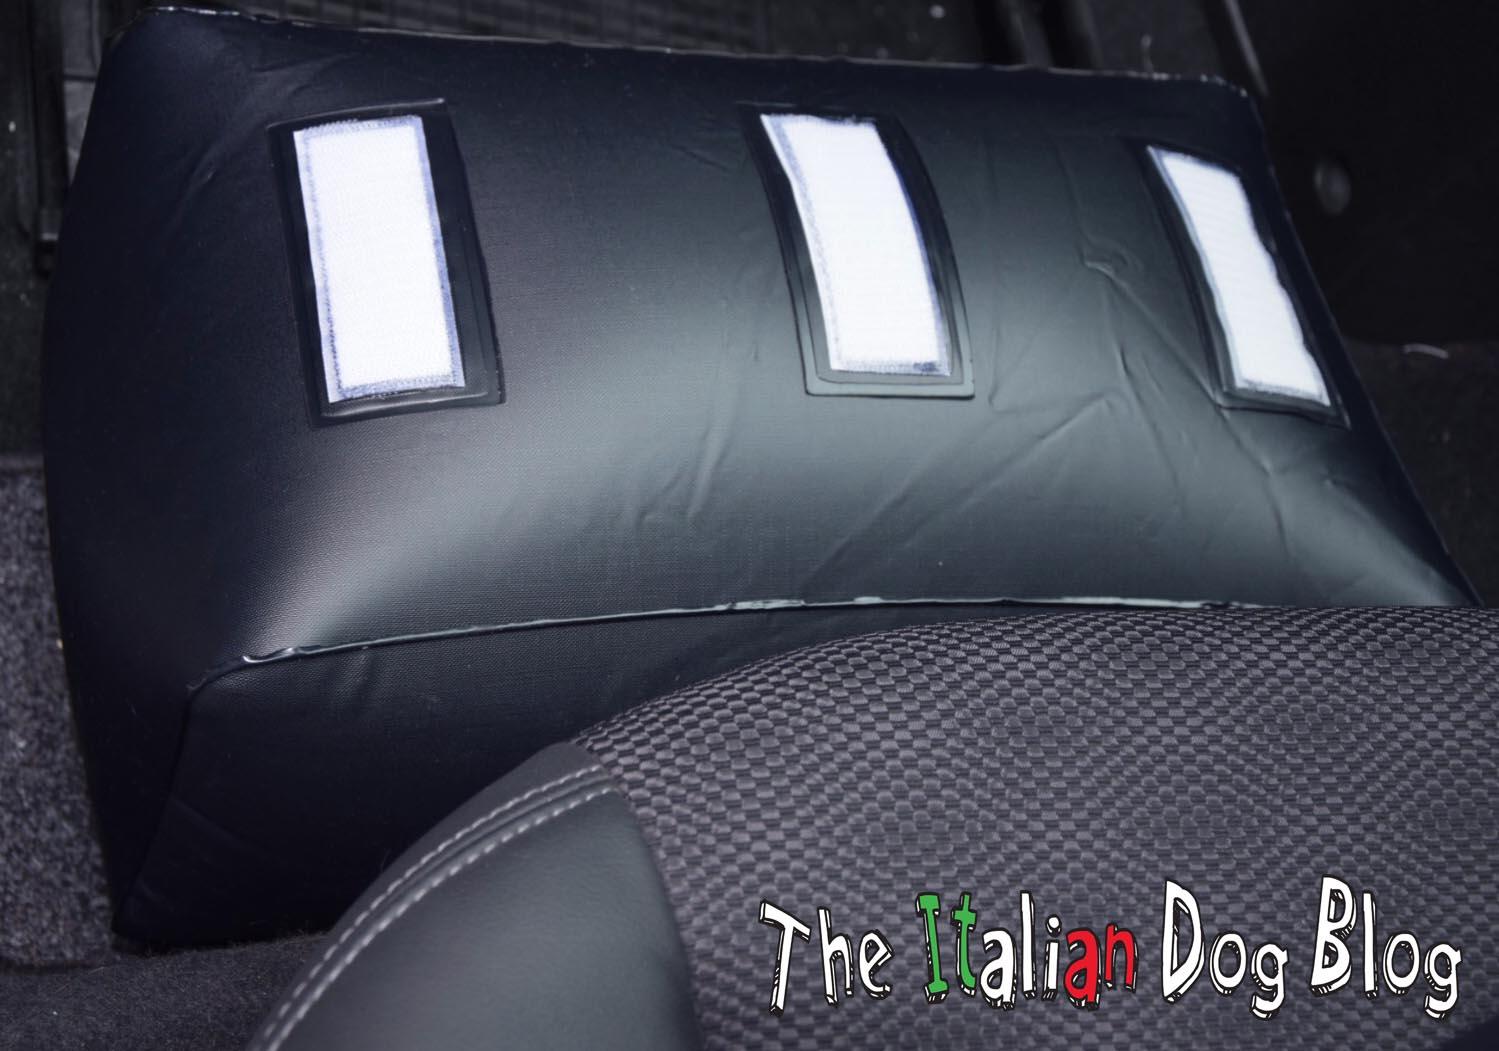 Velcro posteriore per maggiore aderenza al fondo auto